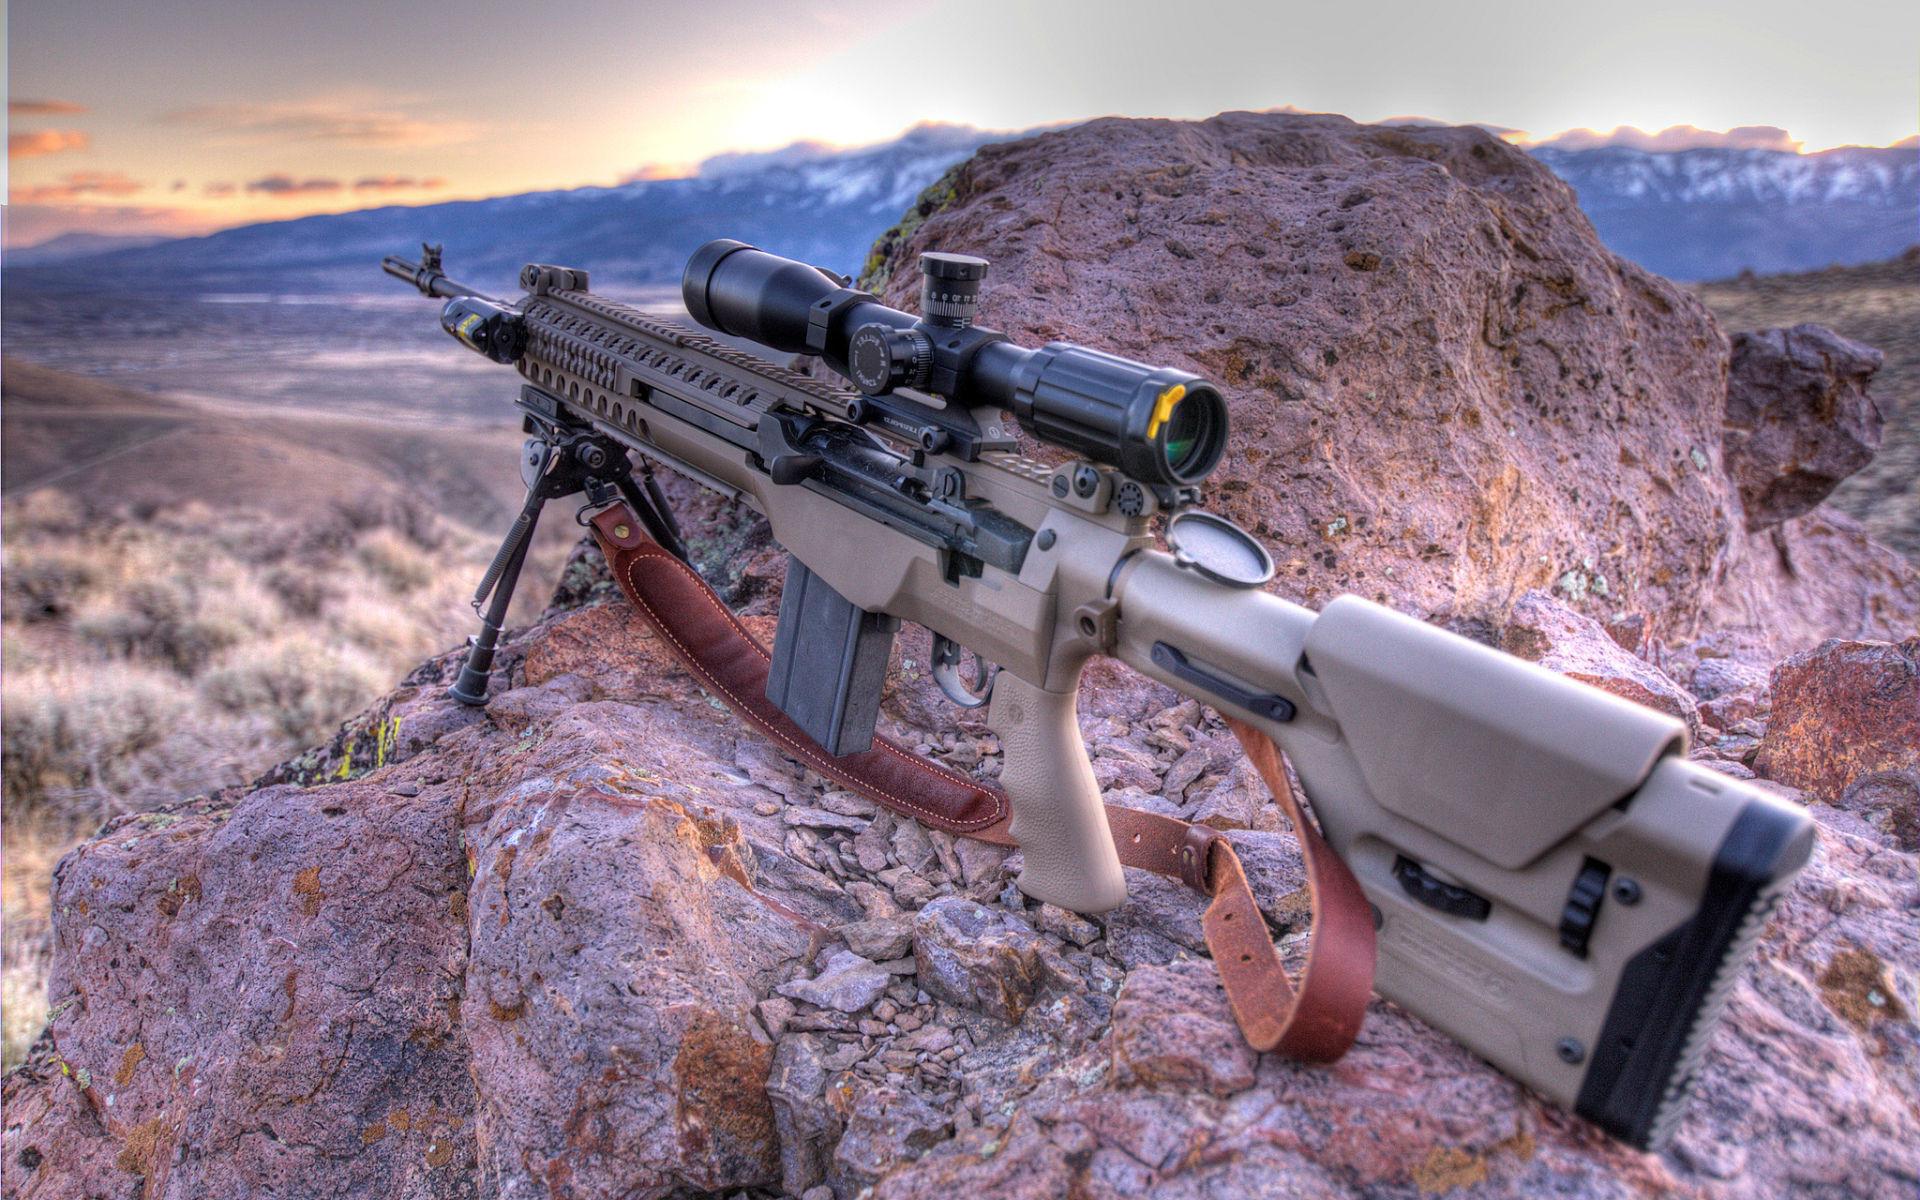 3D Guns Wallpaper (61+ Images